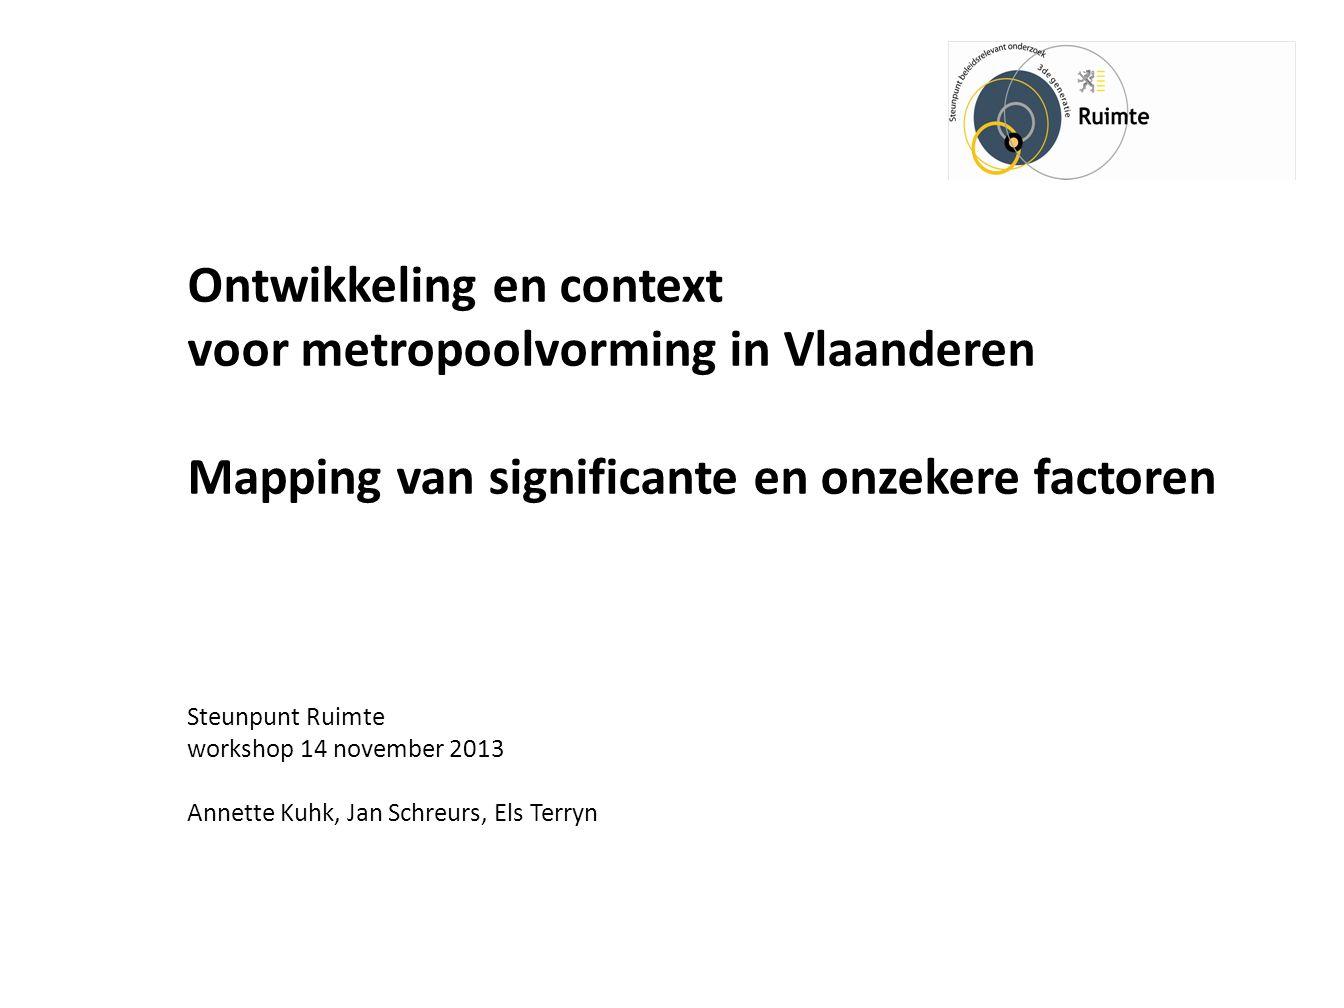 2. Wat is de doelstelling van de mapping-oefening?